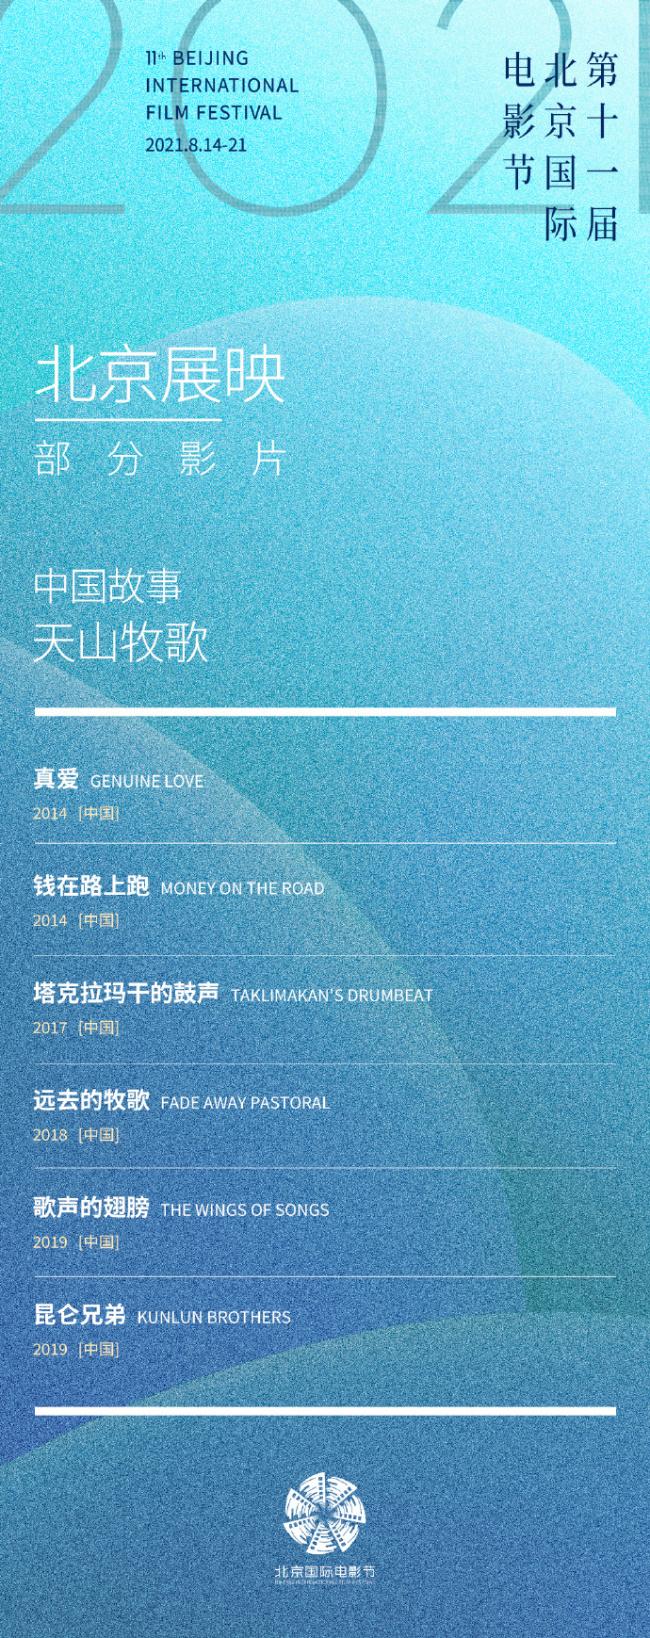 北京国际电影节展映片单出炉!设庆祝建党百年特展